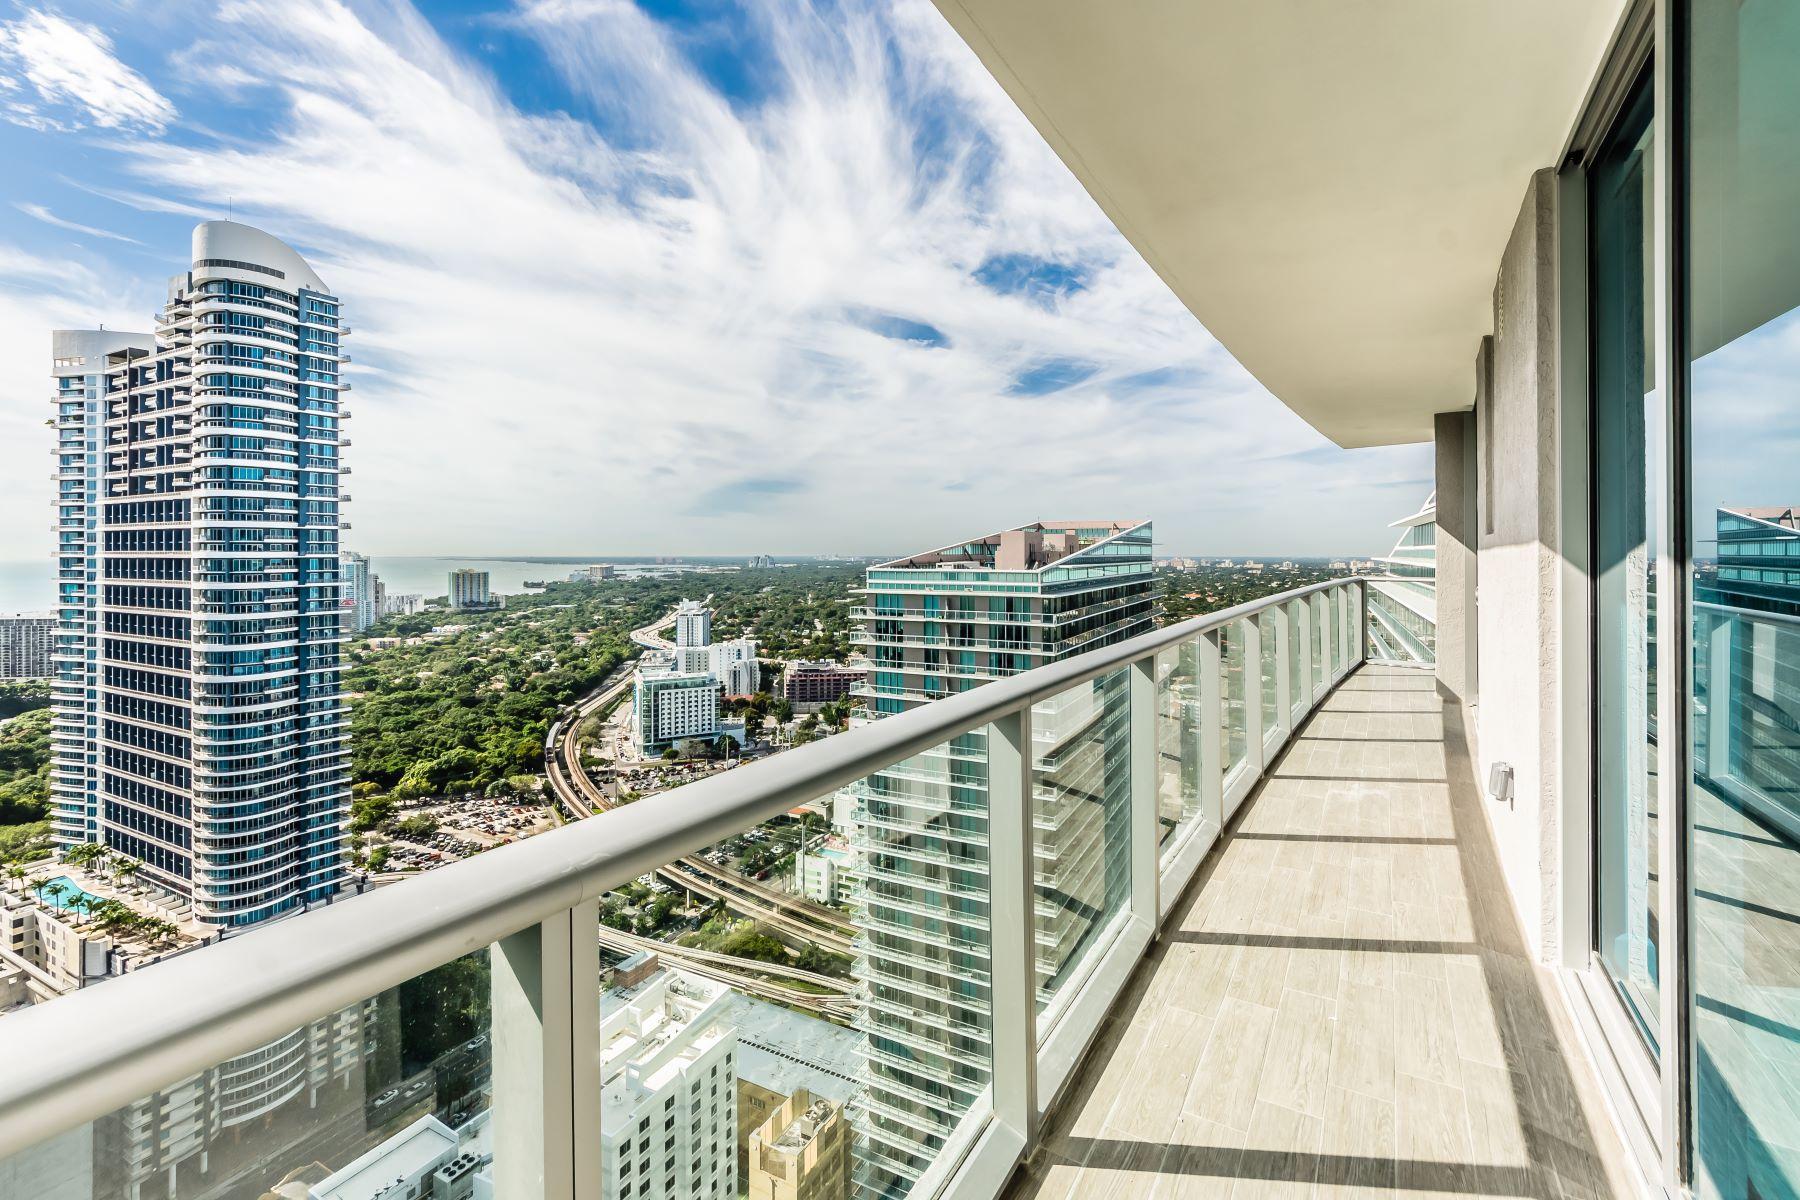 شقة بعمارة للـ Sale في 1100 S Miami Ave 1100 S Miami Ave 3904, Miami, Florida, 33130 United States